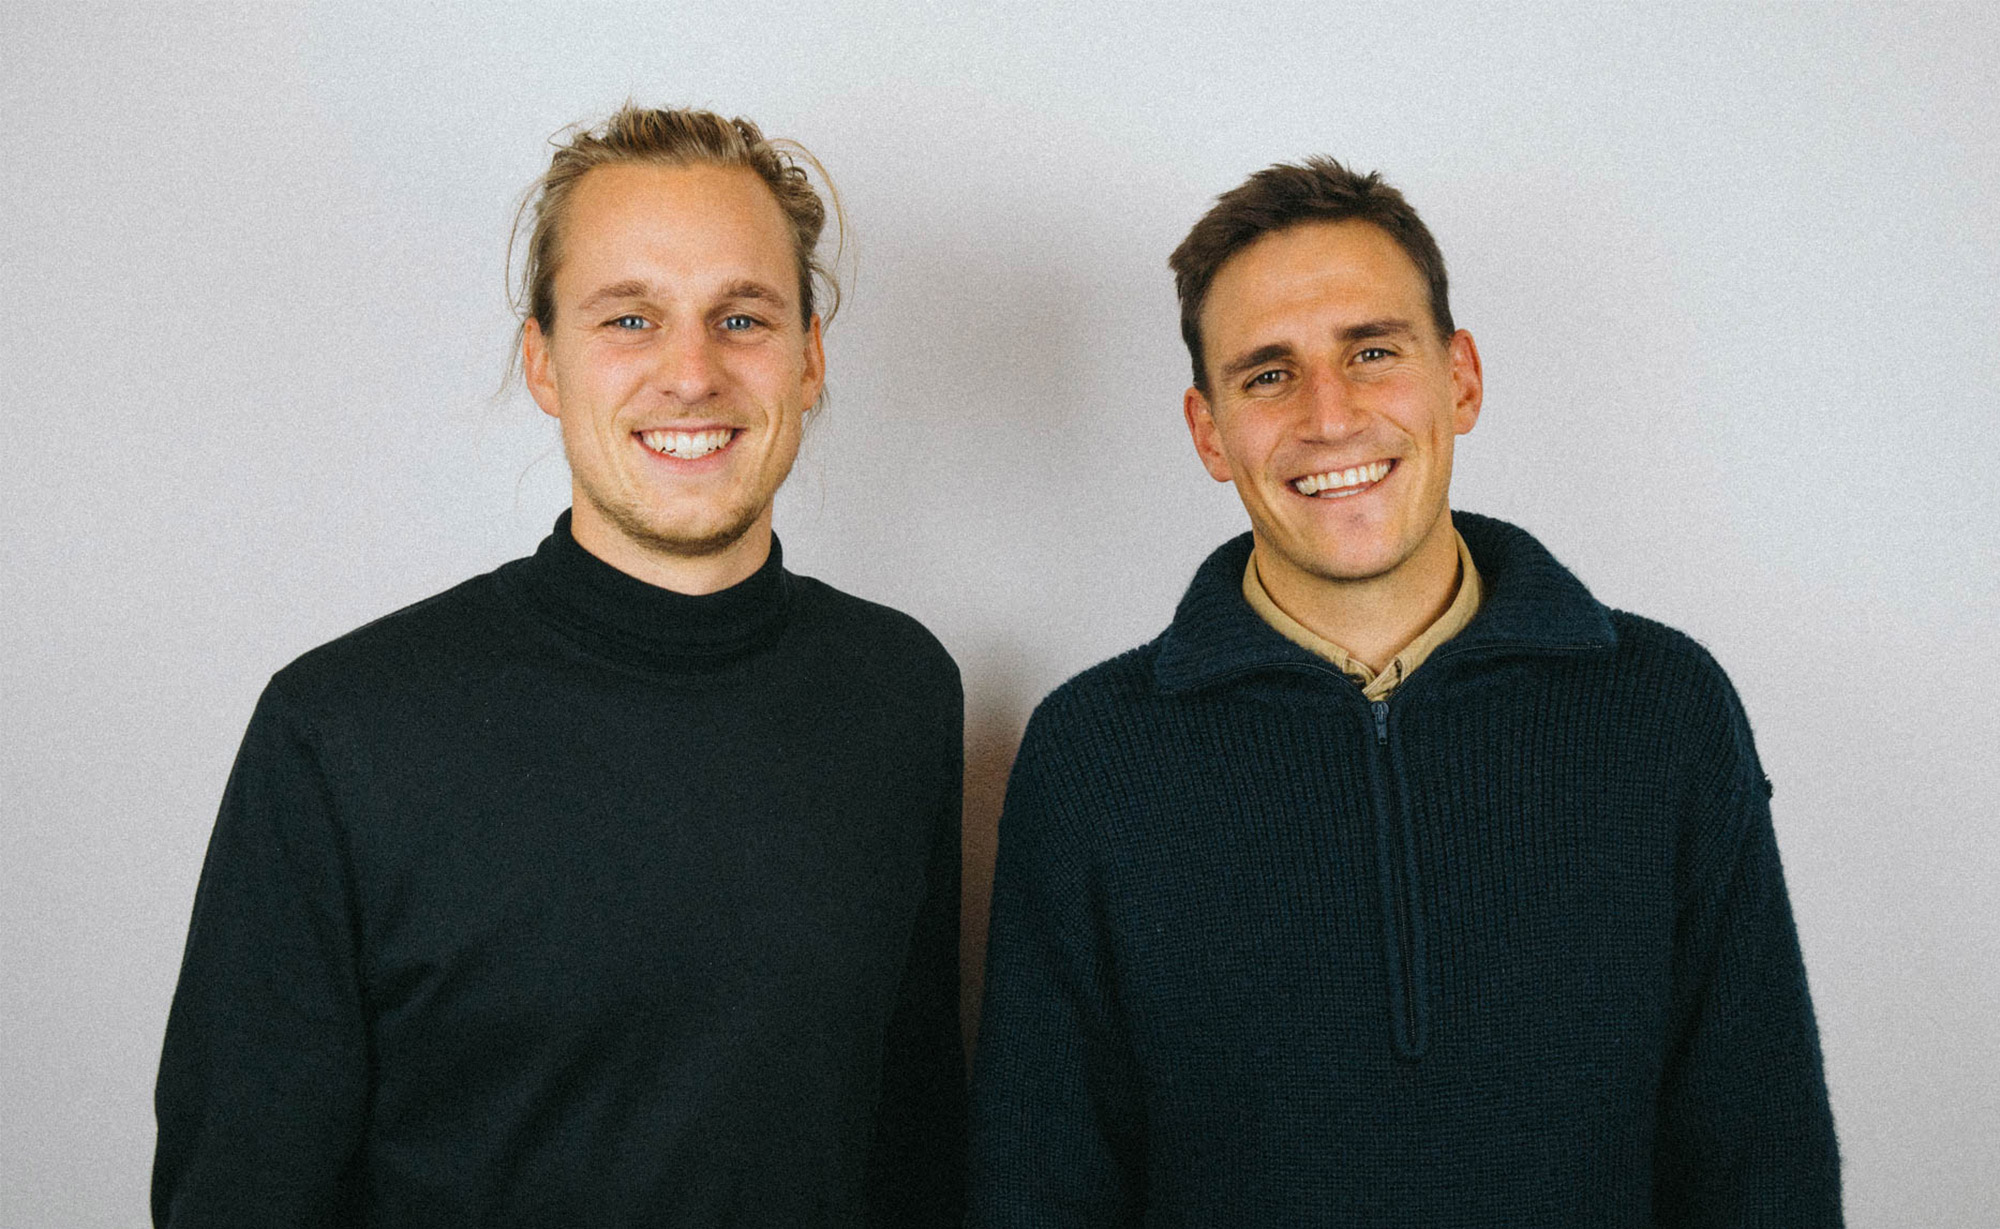 Die Gründer von Salzwasser: Lennart und Jan